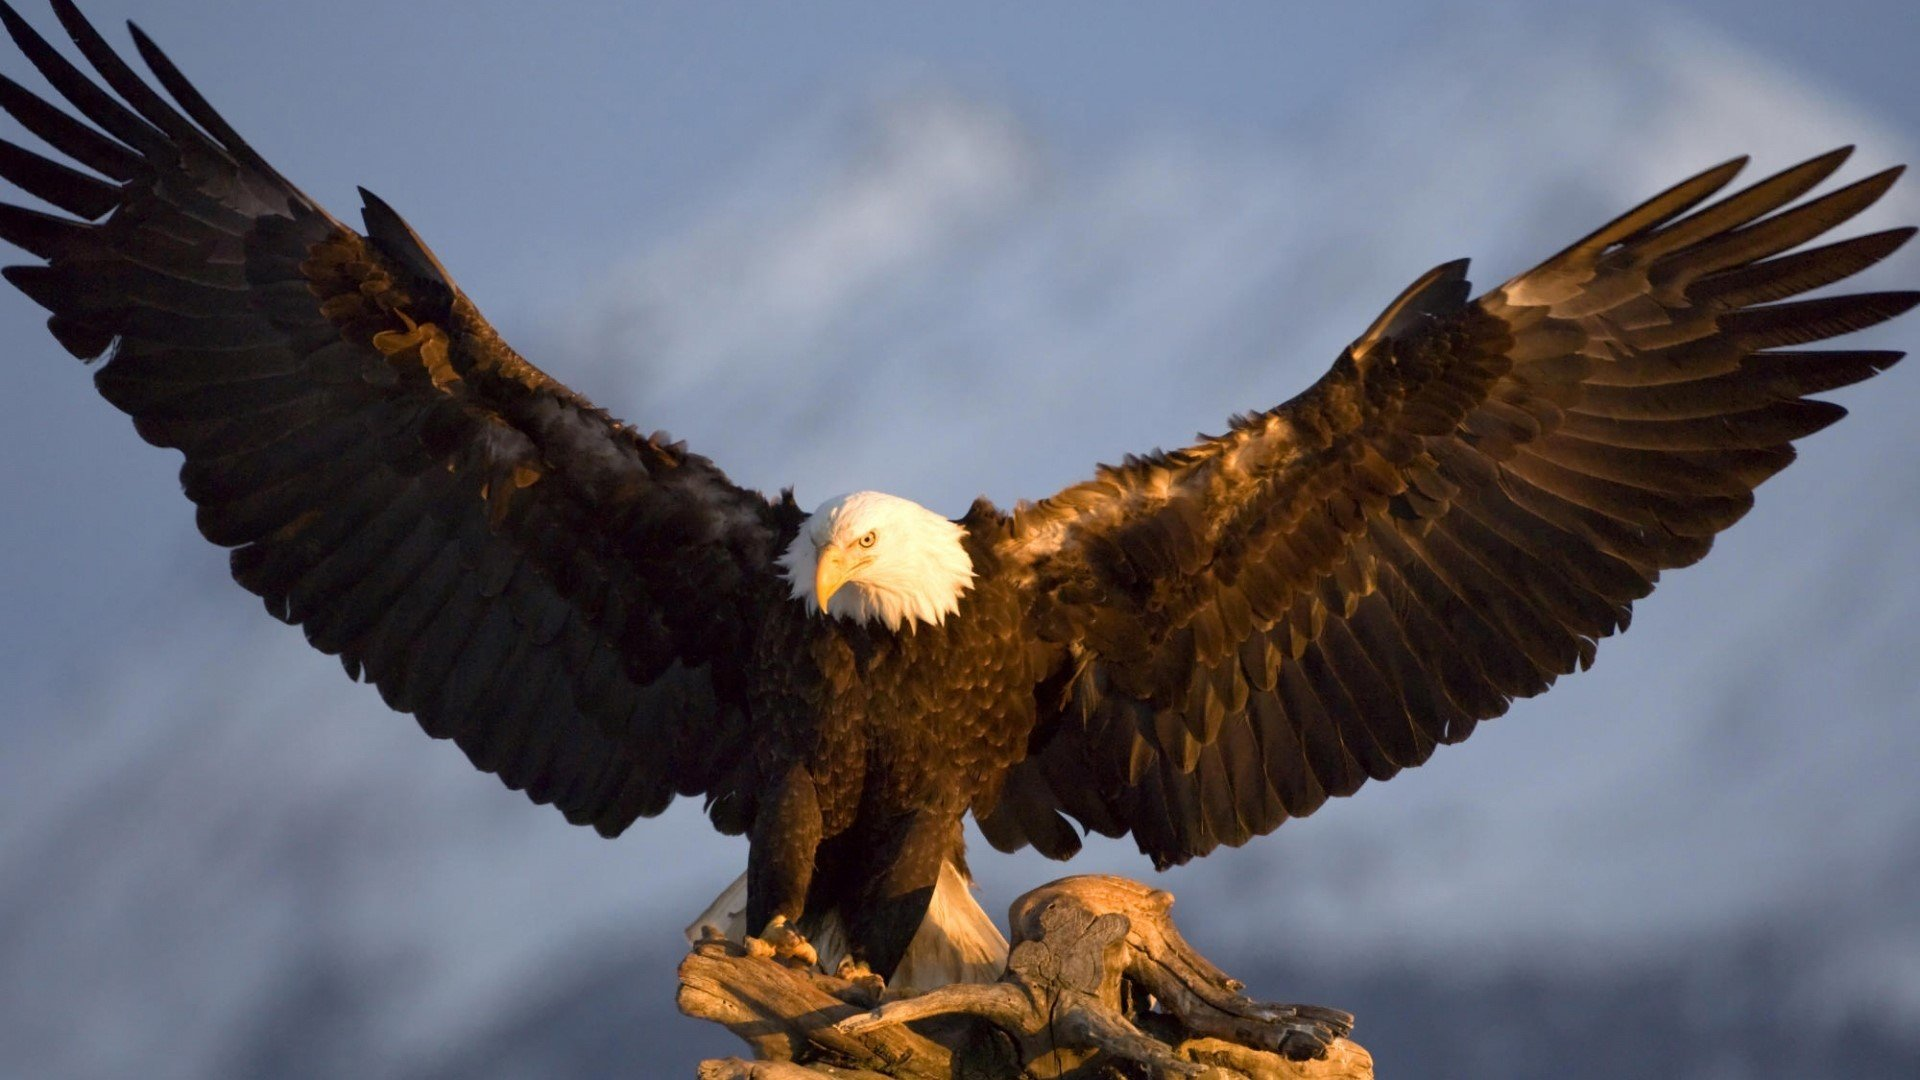 Eagle Background image